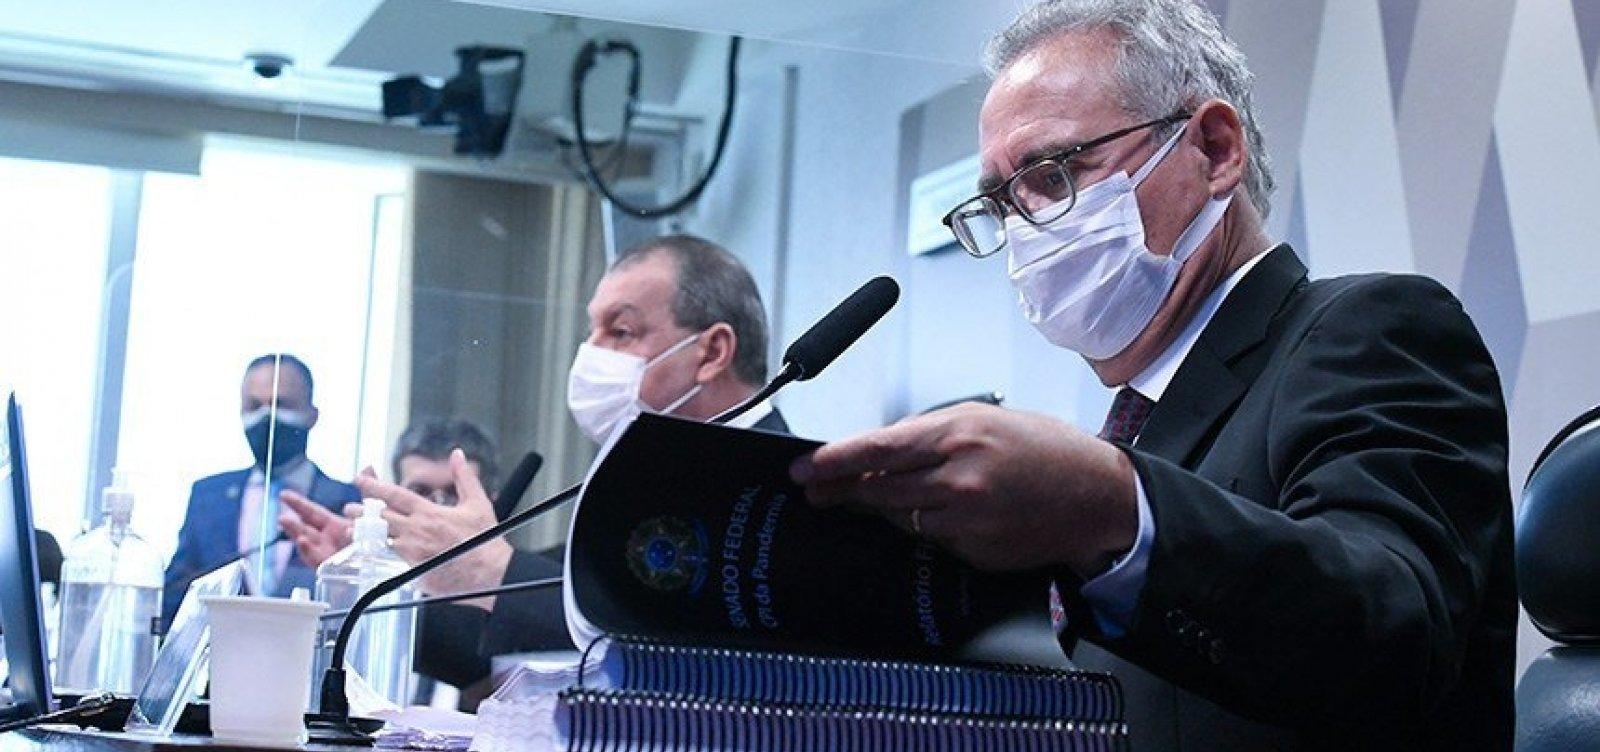 Relatório da CPI é oficialmente apresentado com nove crimes atribuídos a Bolsonaro